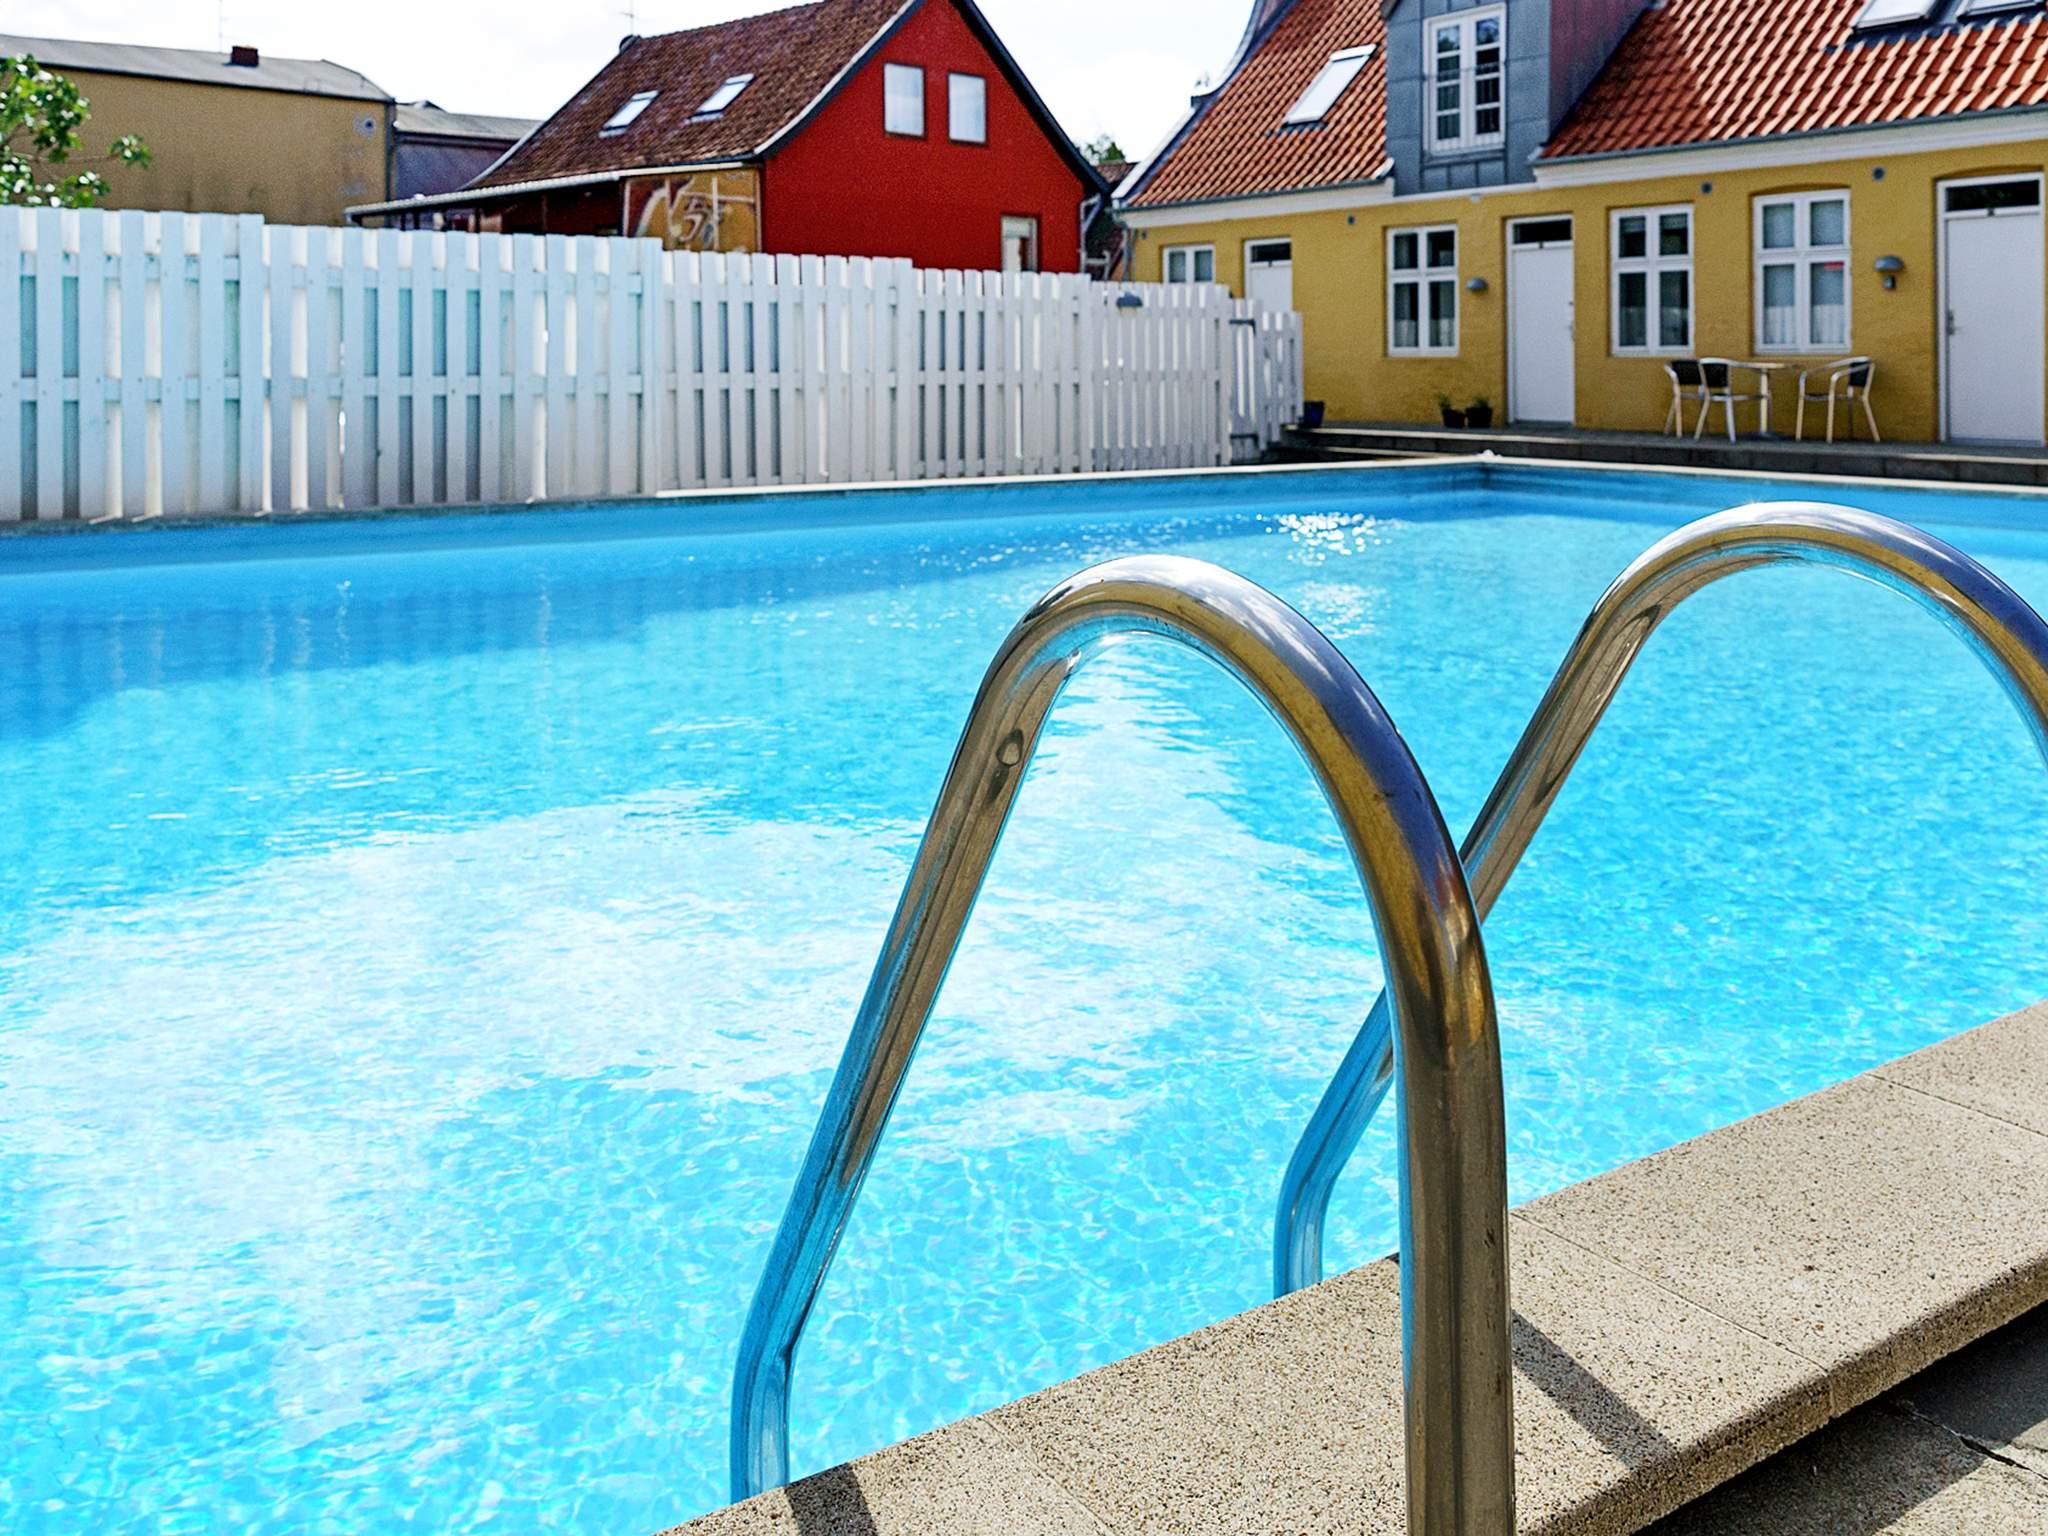 Ferienhaus Gudhjem (385016), Gudhjem, , Bornholm, Dänemark, Bild 15